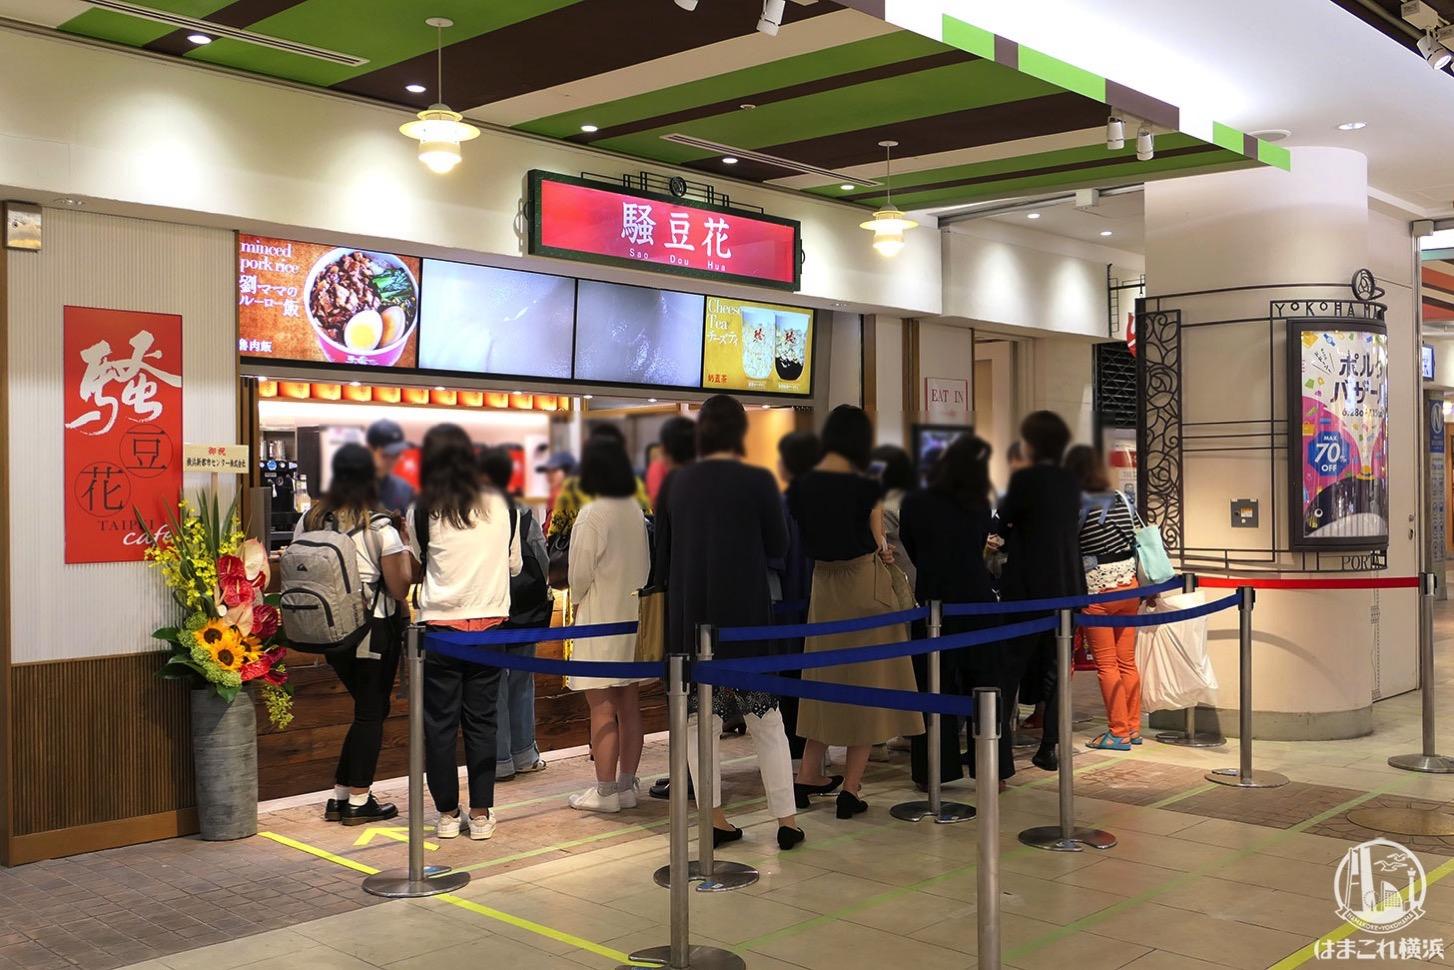 サオドウファ(騒豆花)横浜ポルタ店 外観